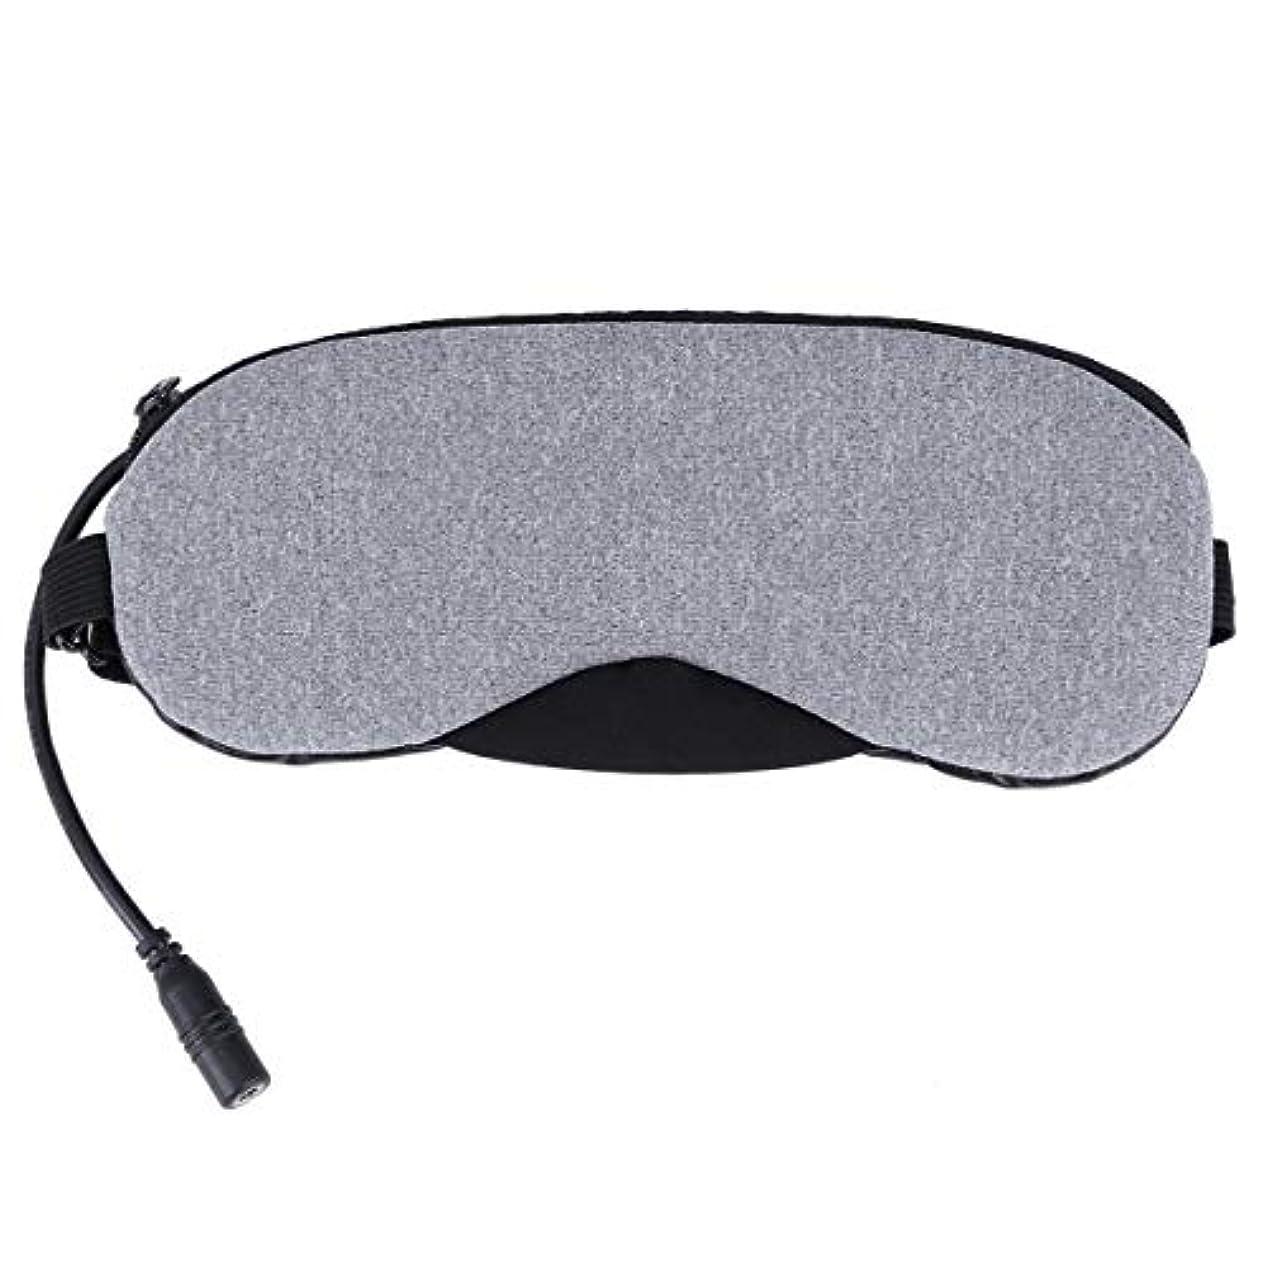 火山の逆さまにサージSUPVOX usbスチームアイマスクドライアイ眼eph炎用アイスパック温熱治療用アイマスク(グレー)